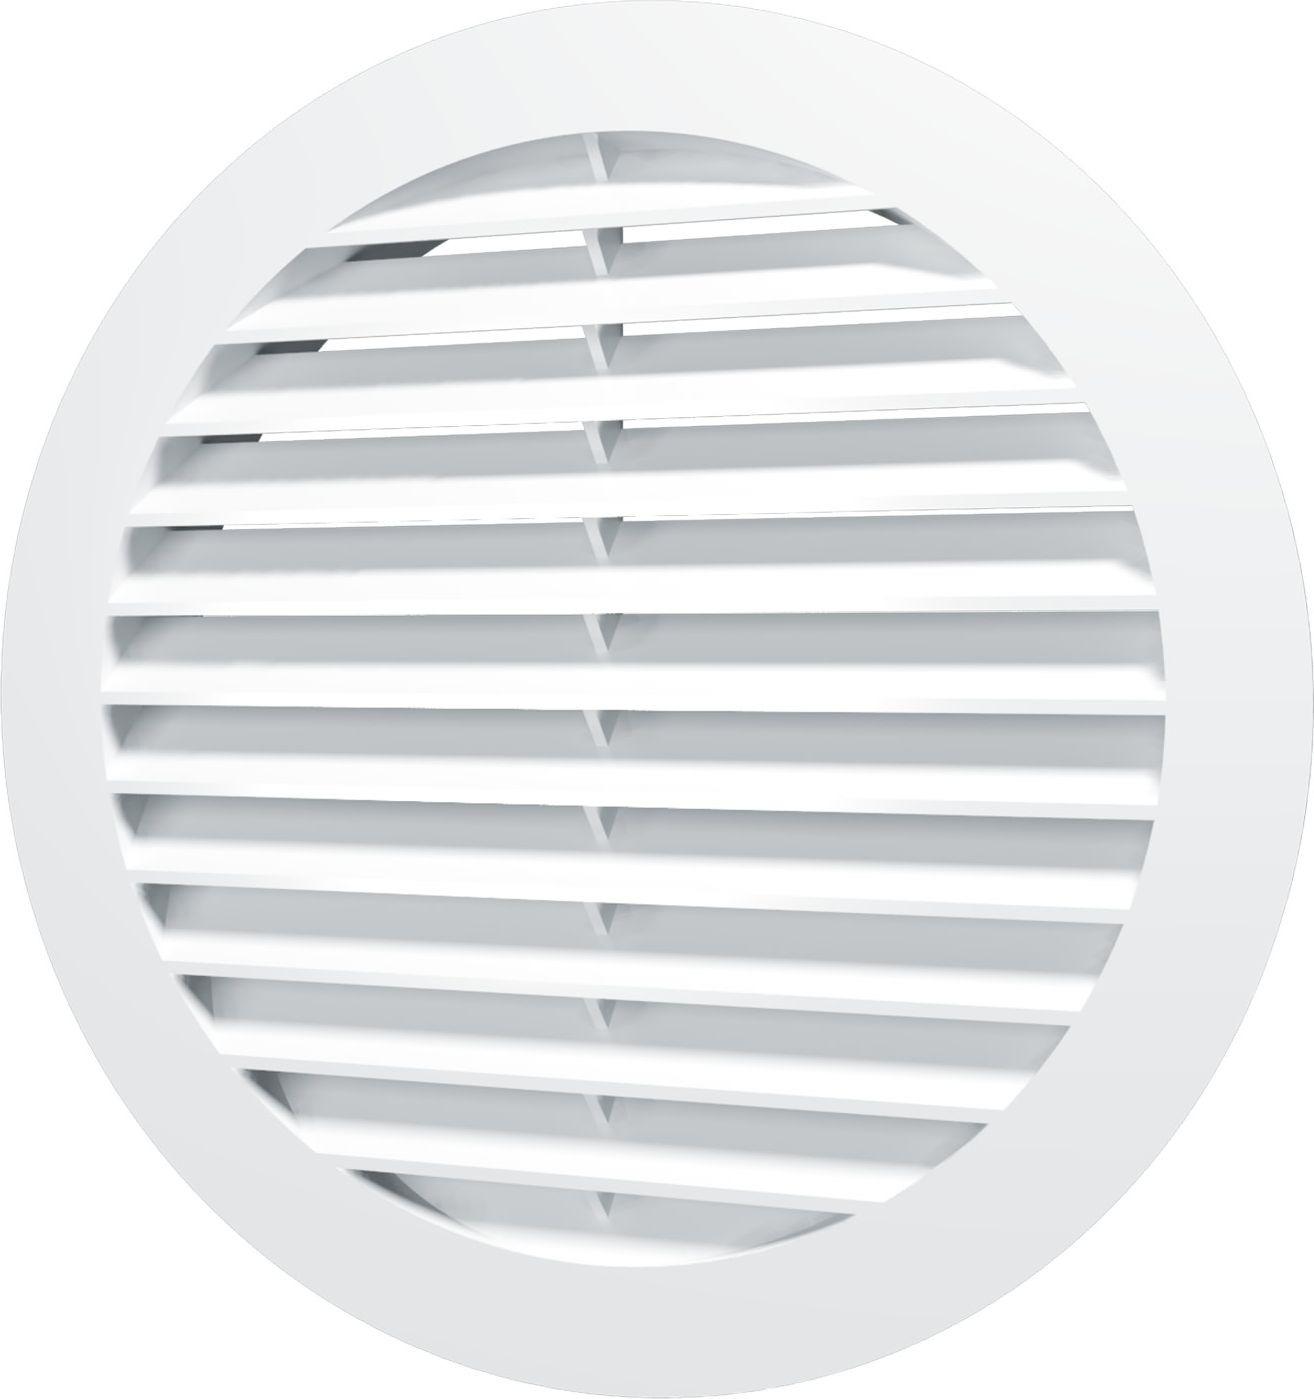 Вентиляционная решетка Street Line, 16РКН, белый, наружная, круглая, с фланцем